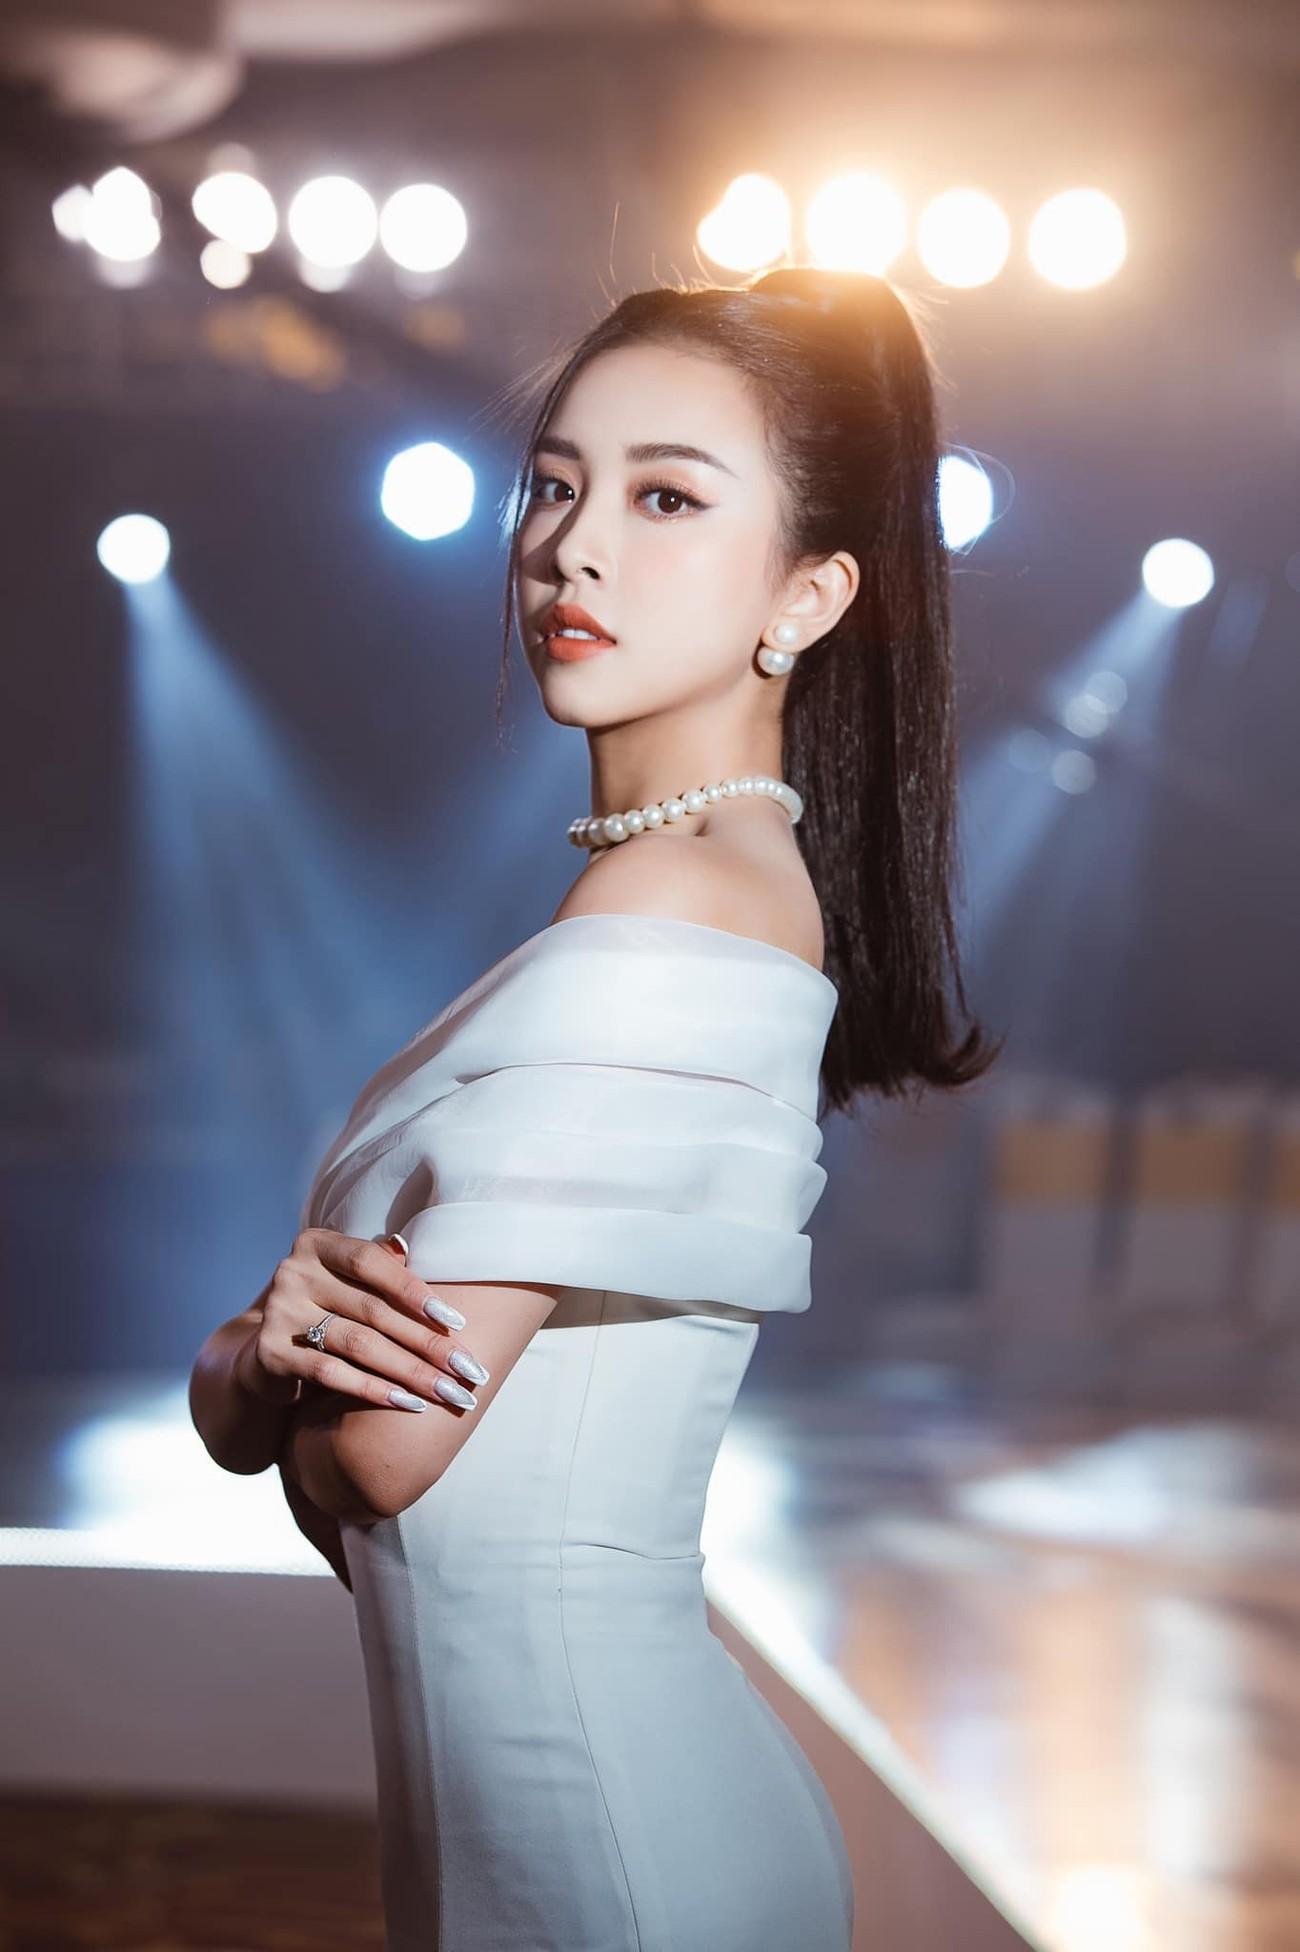 Hoa hậu Đỗ Thị Hà xinh đẹp nền nã với áo dài, H'Hen Niê hoá búp bê barbie nóng bỏng ảnh 5